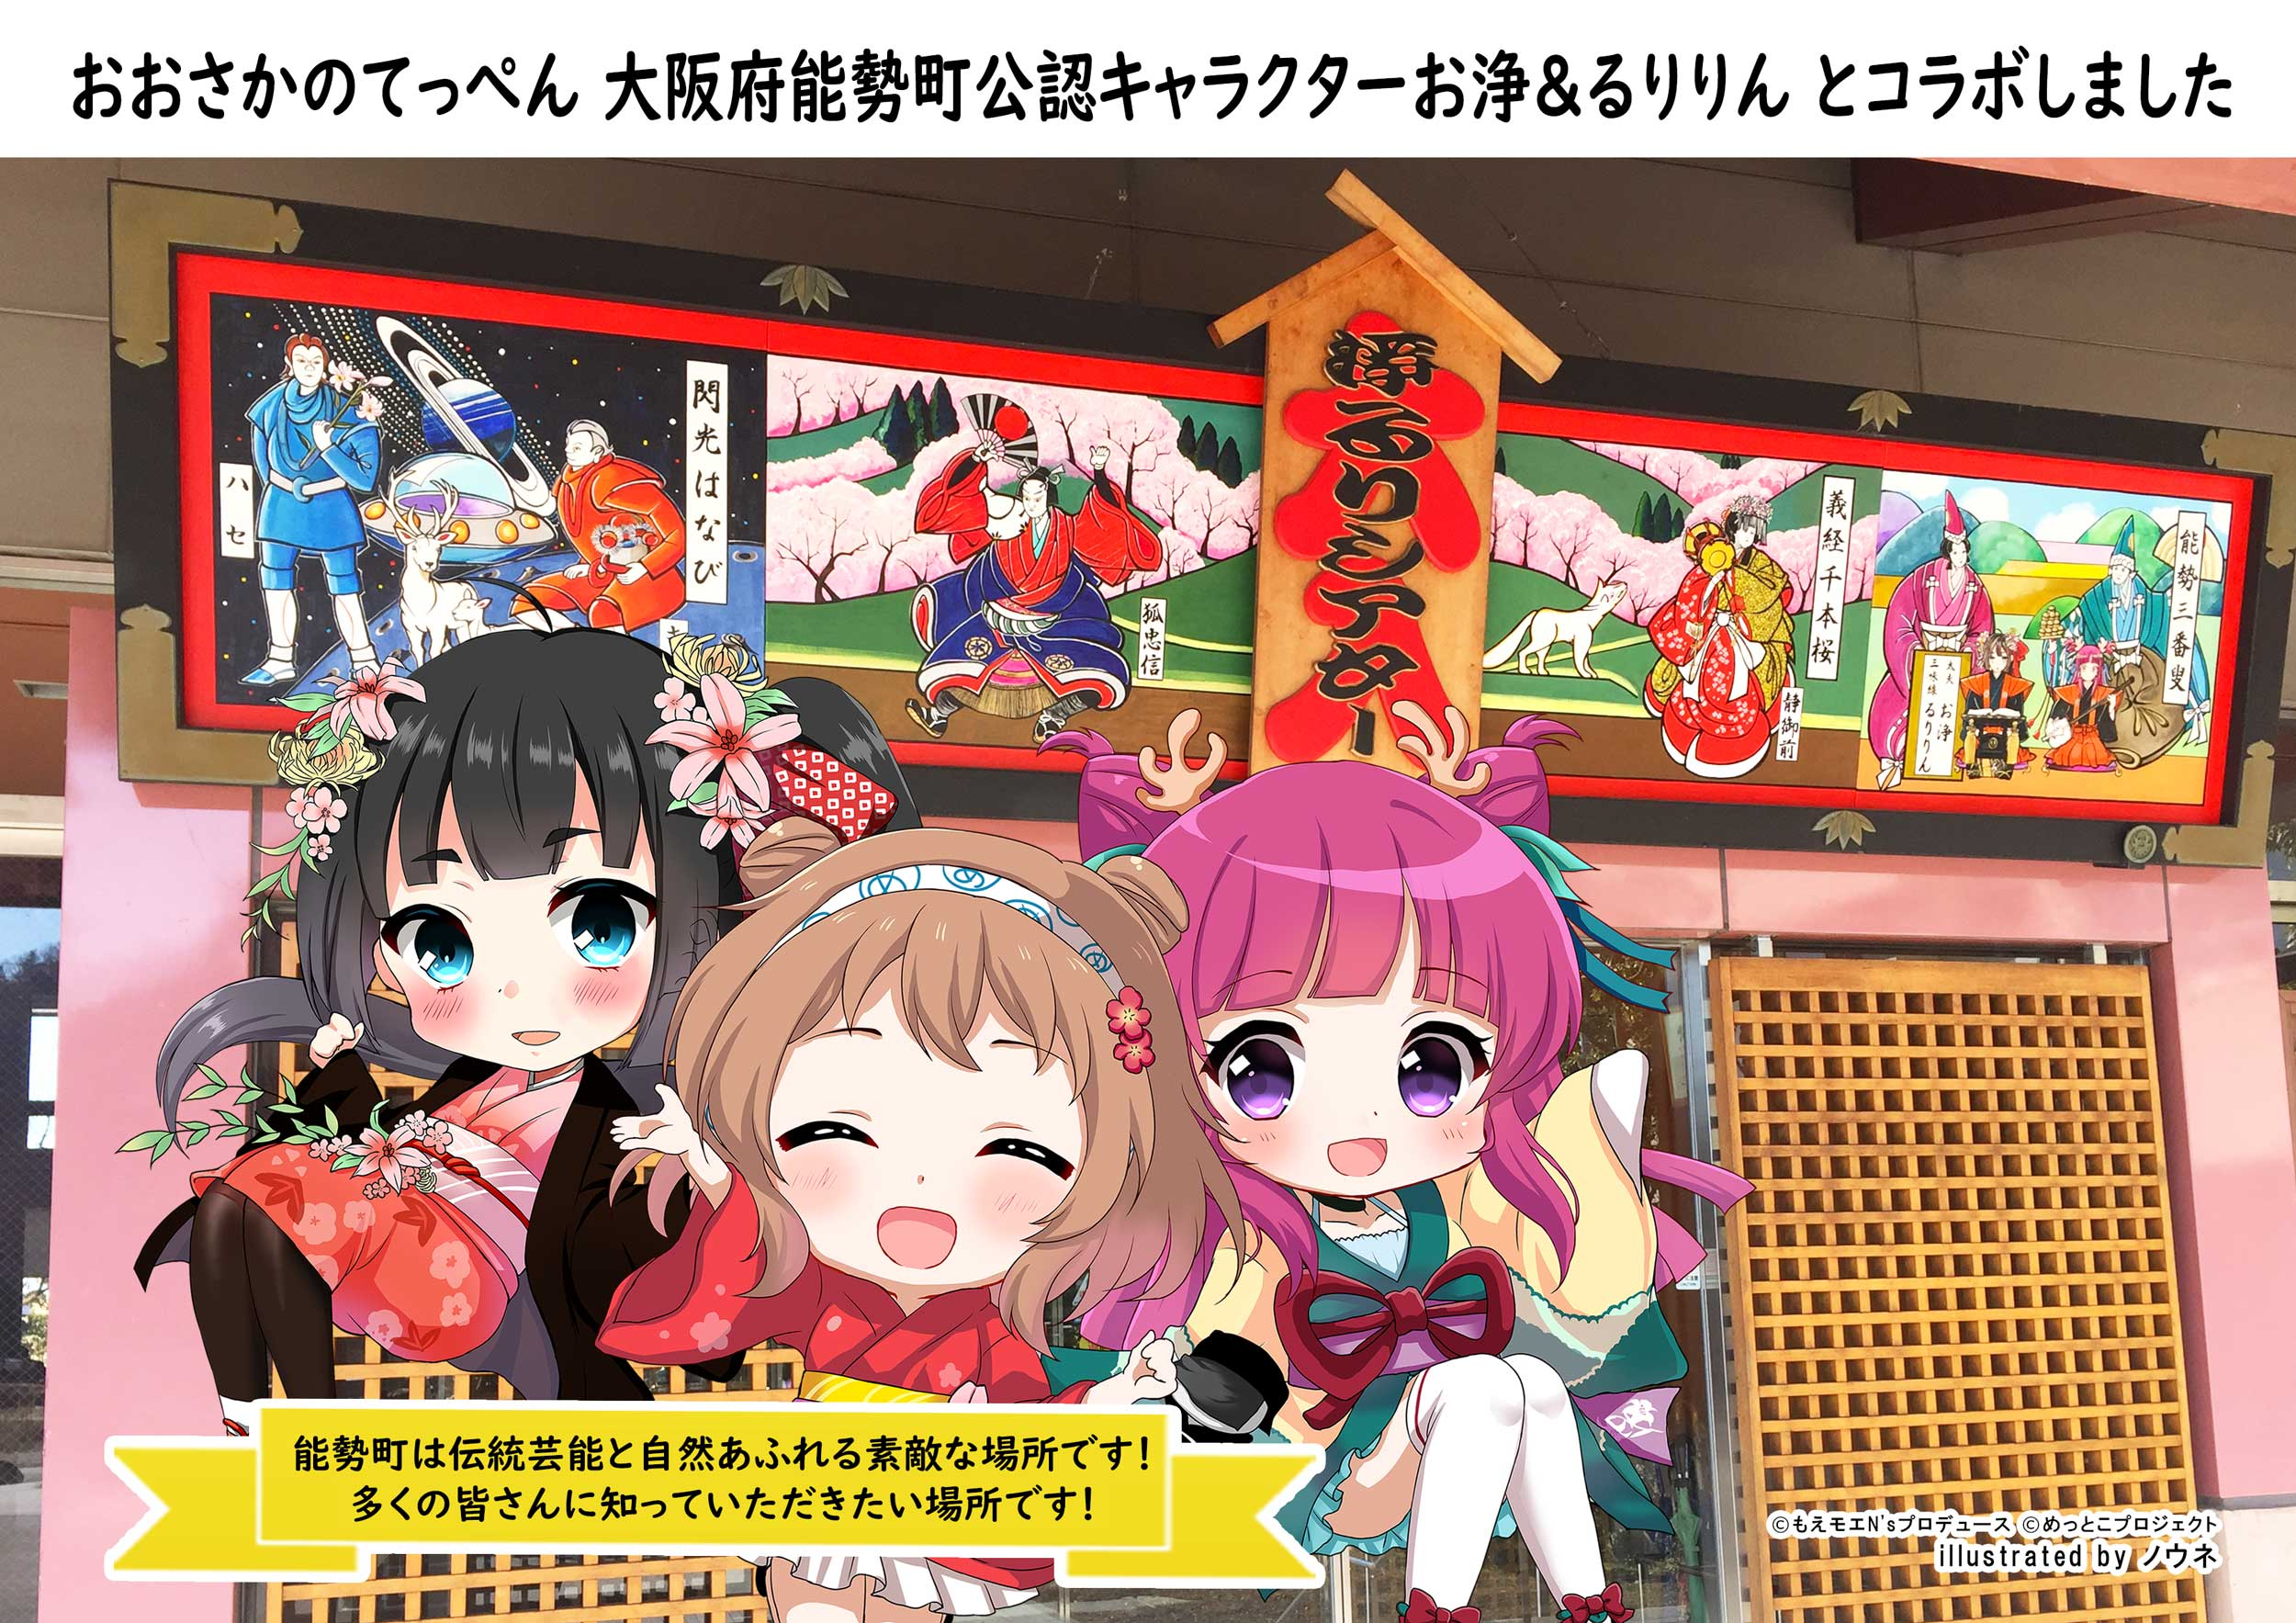 お浄&るりりん 大阪府能勢町 コラボレーション